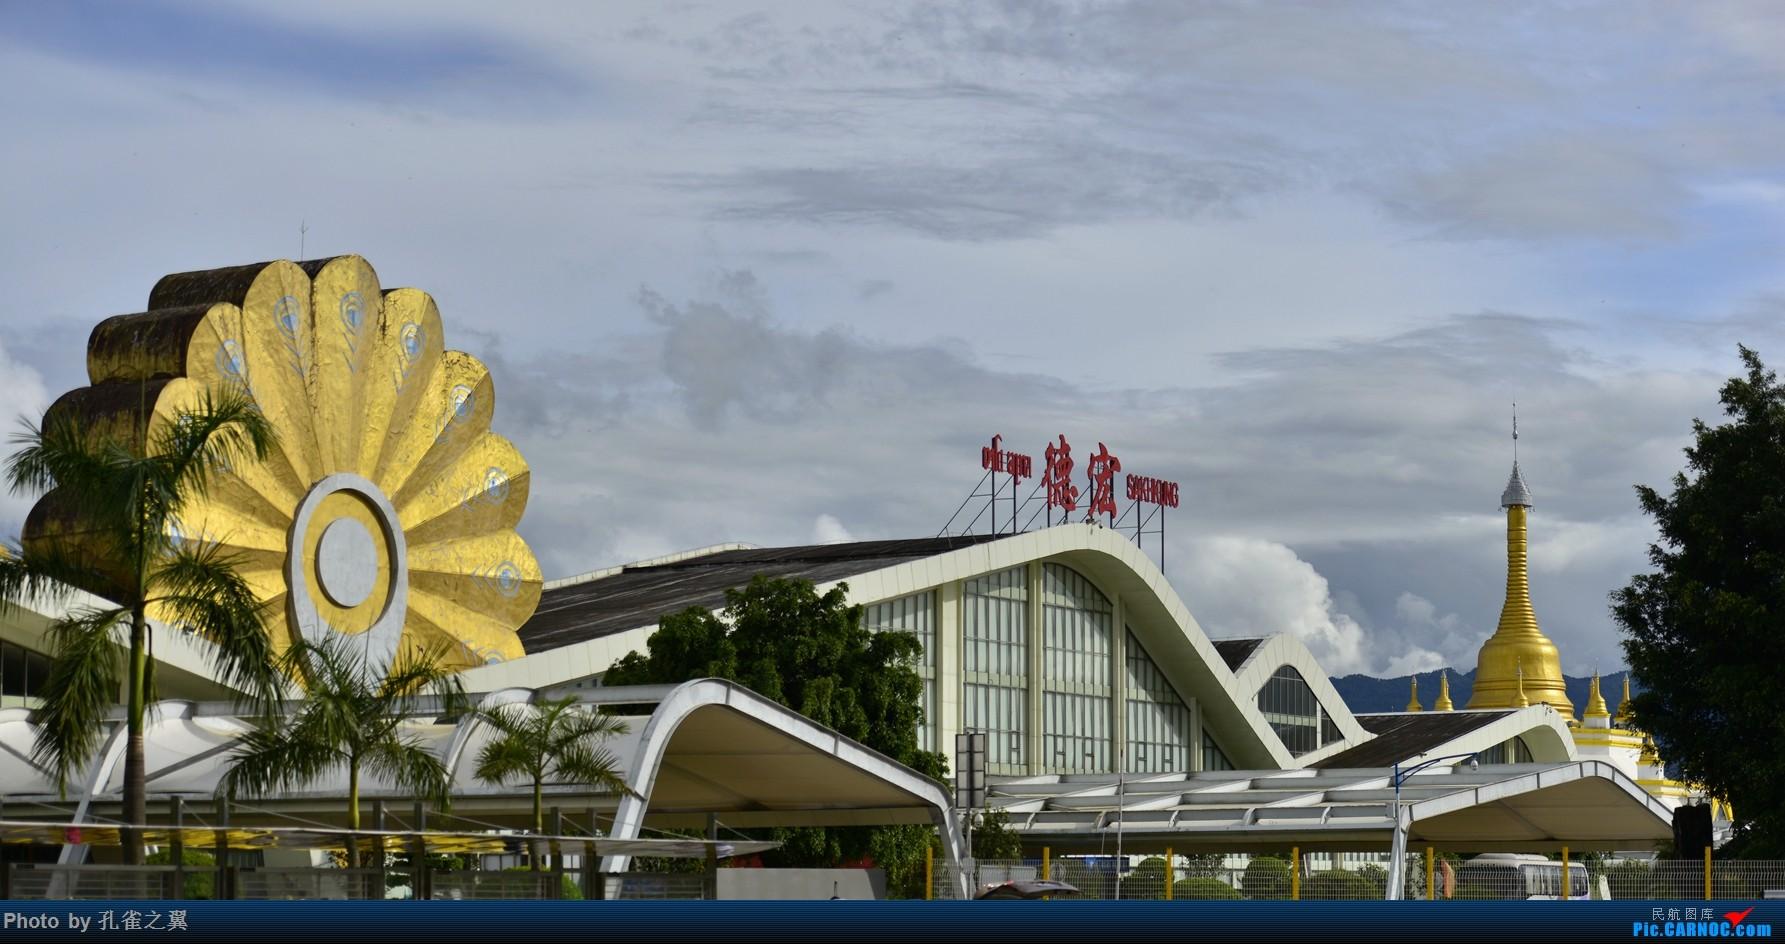 [原创]云南德宏芒市机场--西南边陲的美丽航站!    中国芒市机场